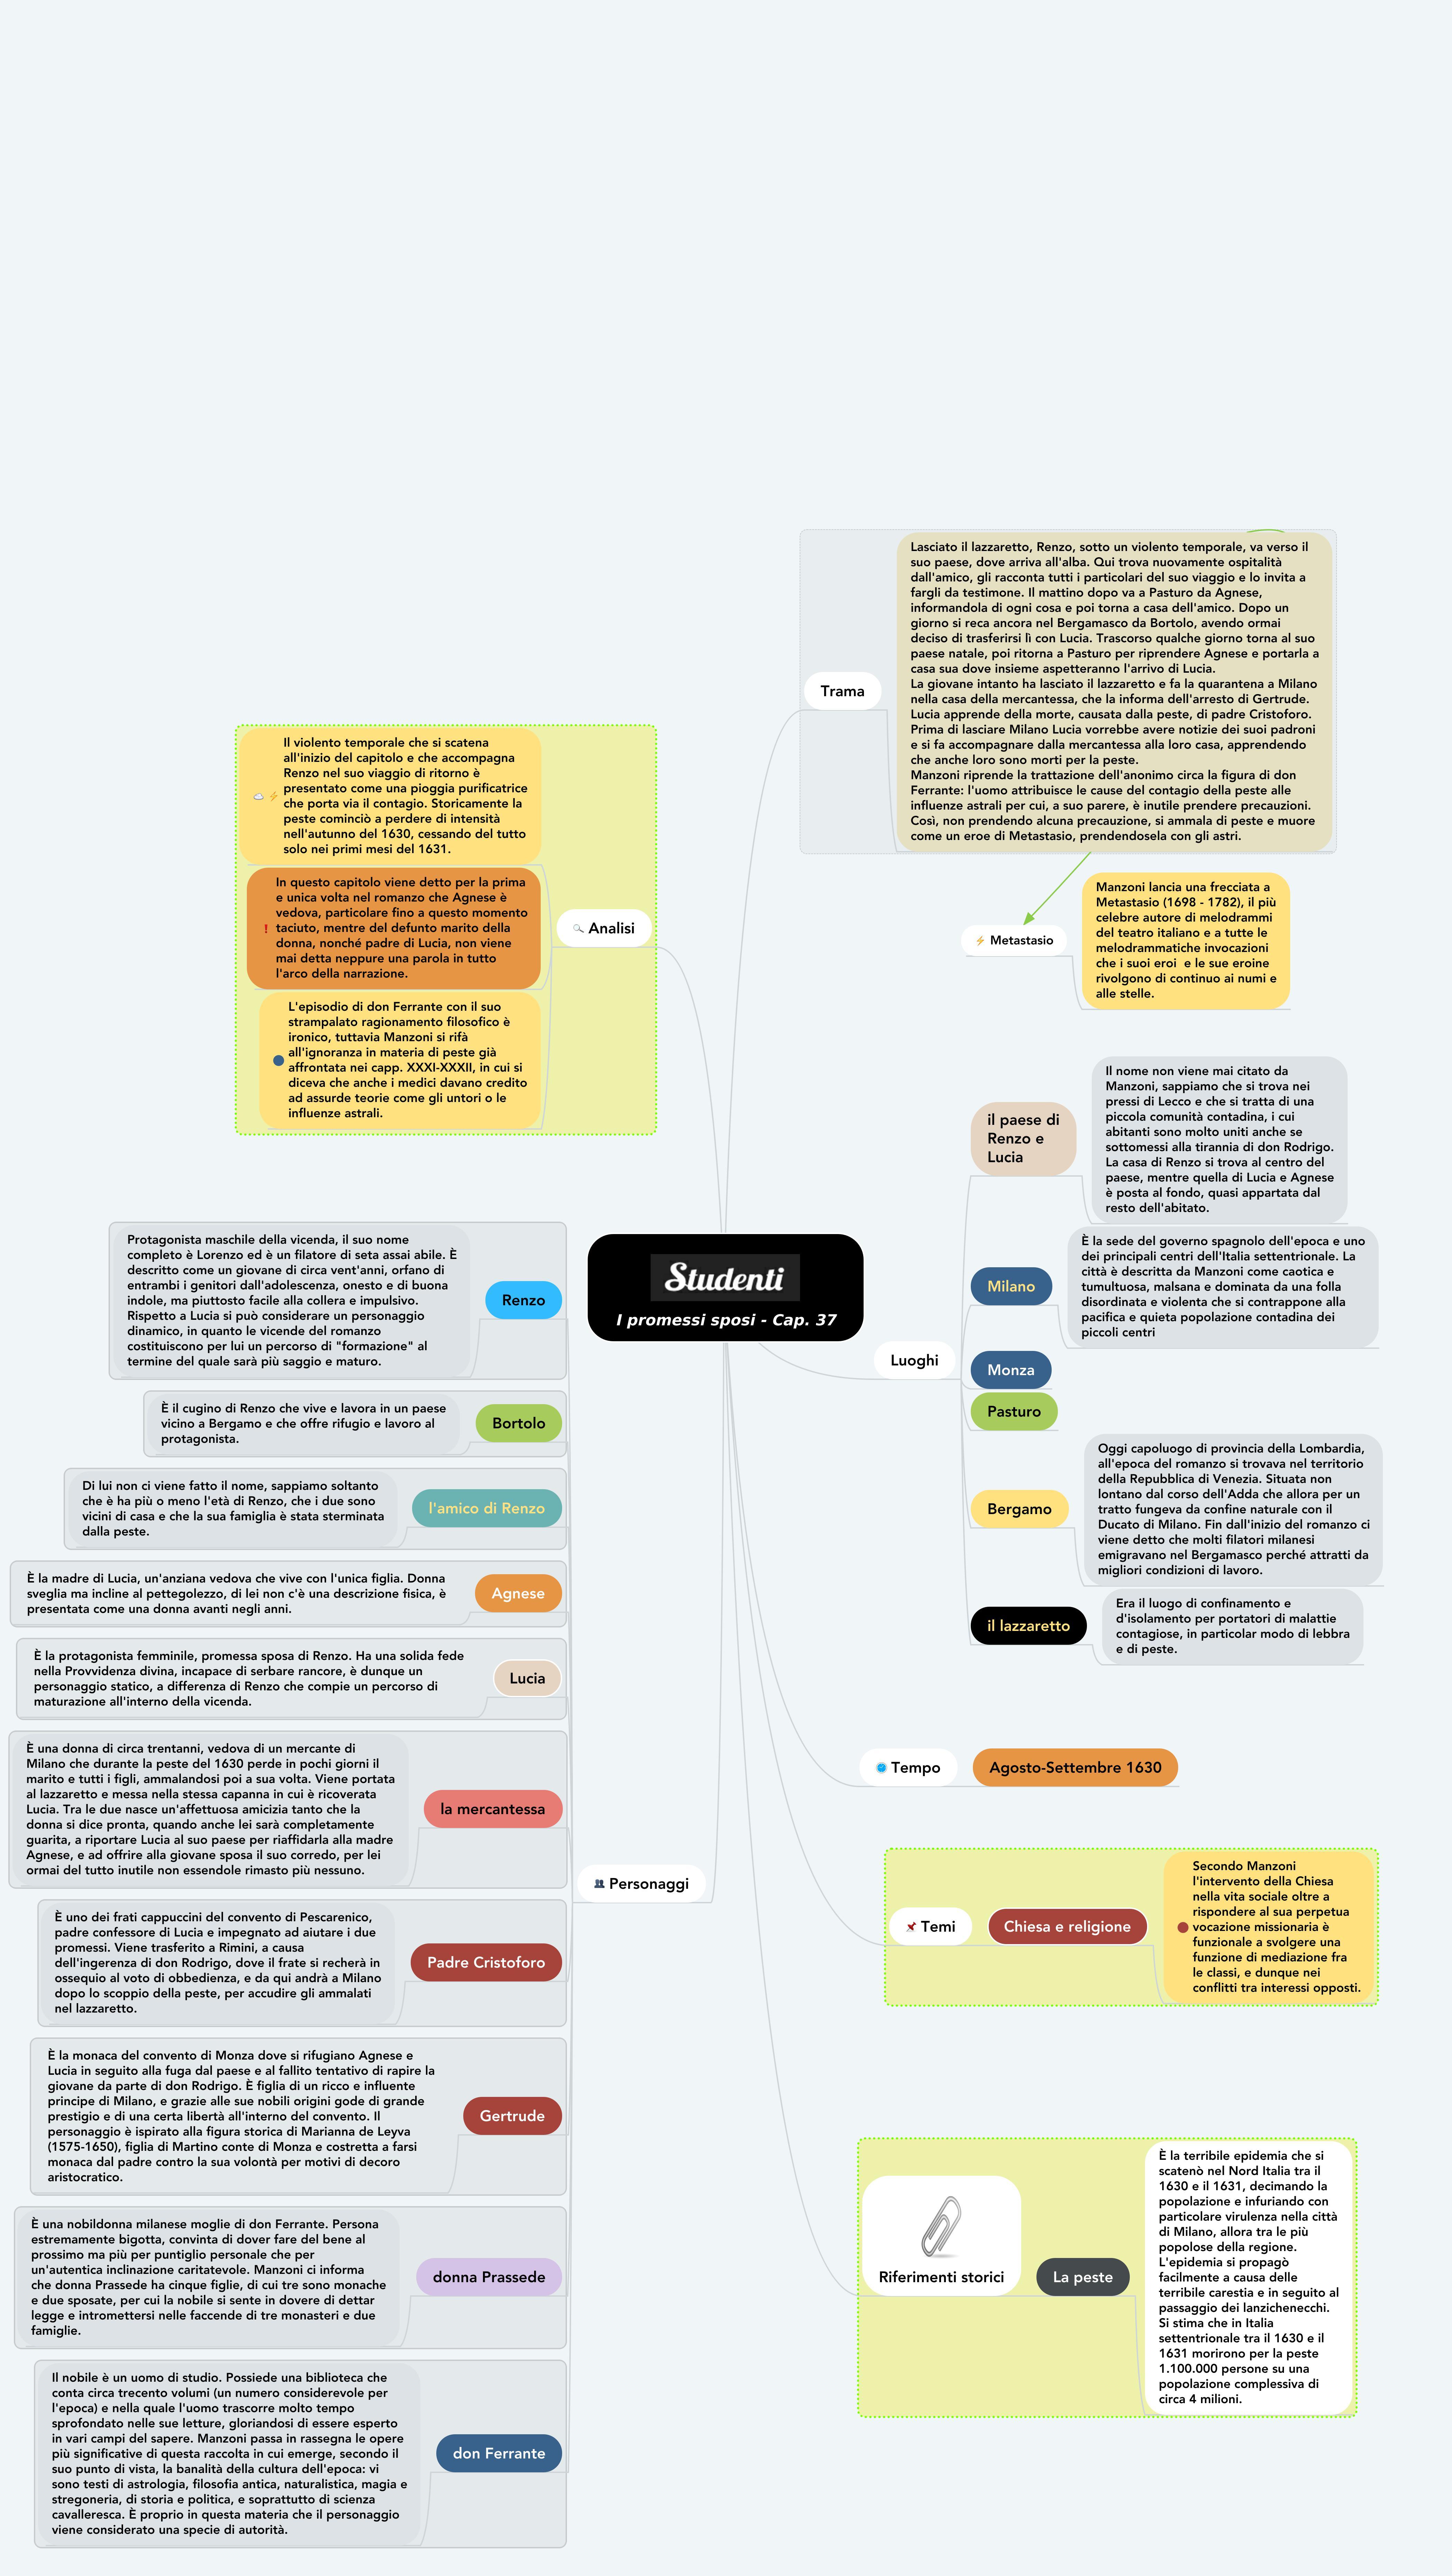 Mappa concettuale capitolo 37 i promessi sposi